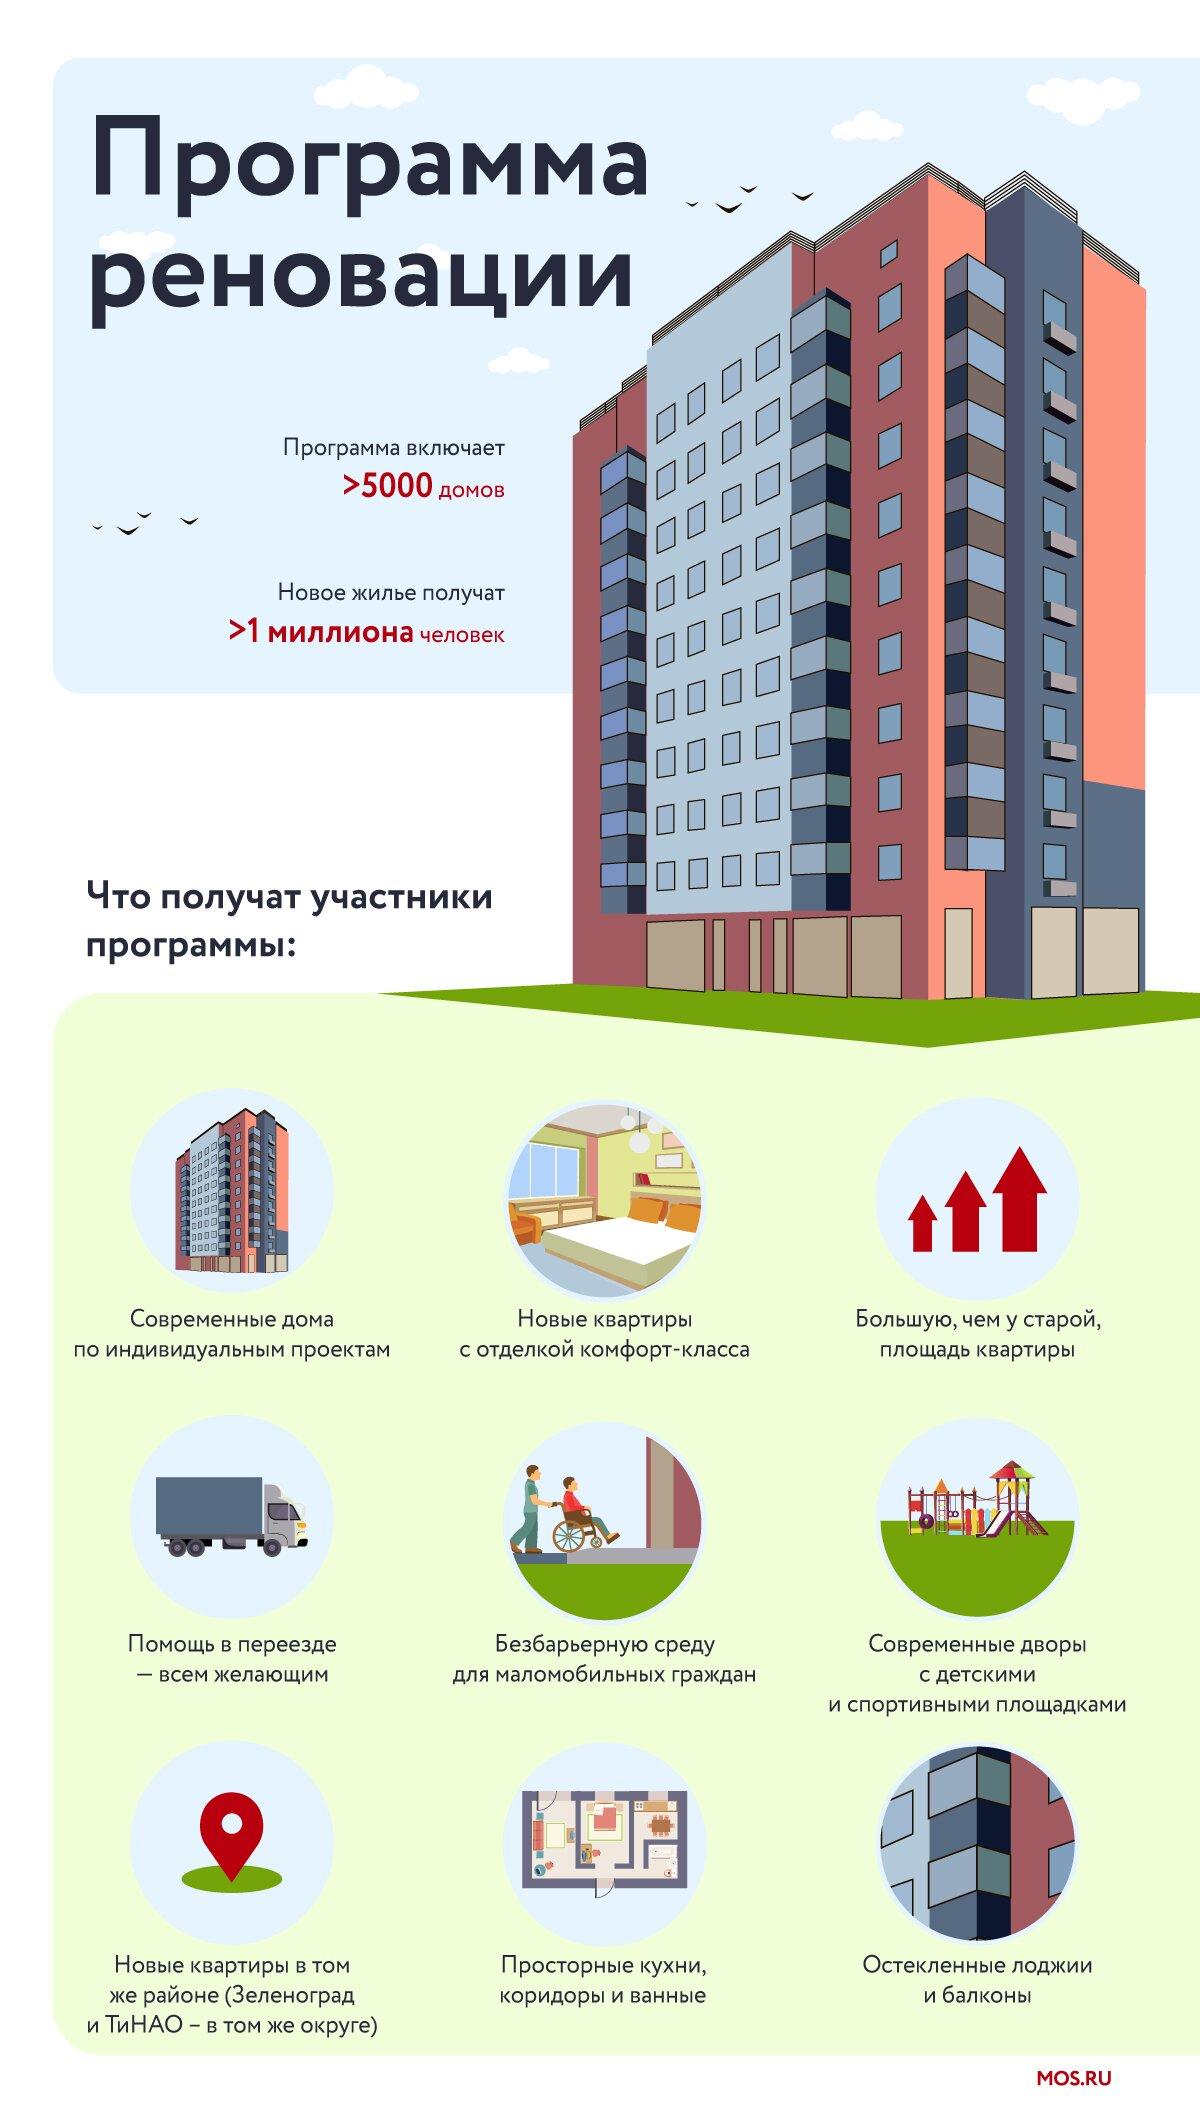 До конца года 80 семей из пятиэтажки на улице Гарибальди начнут переезд в новостройку